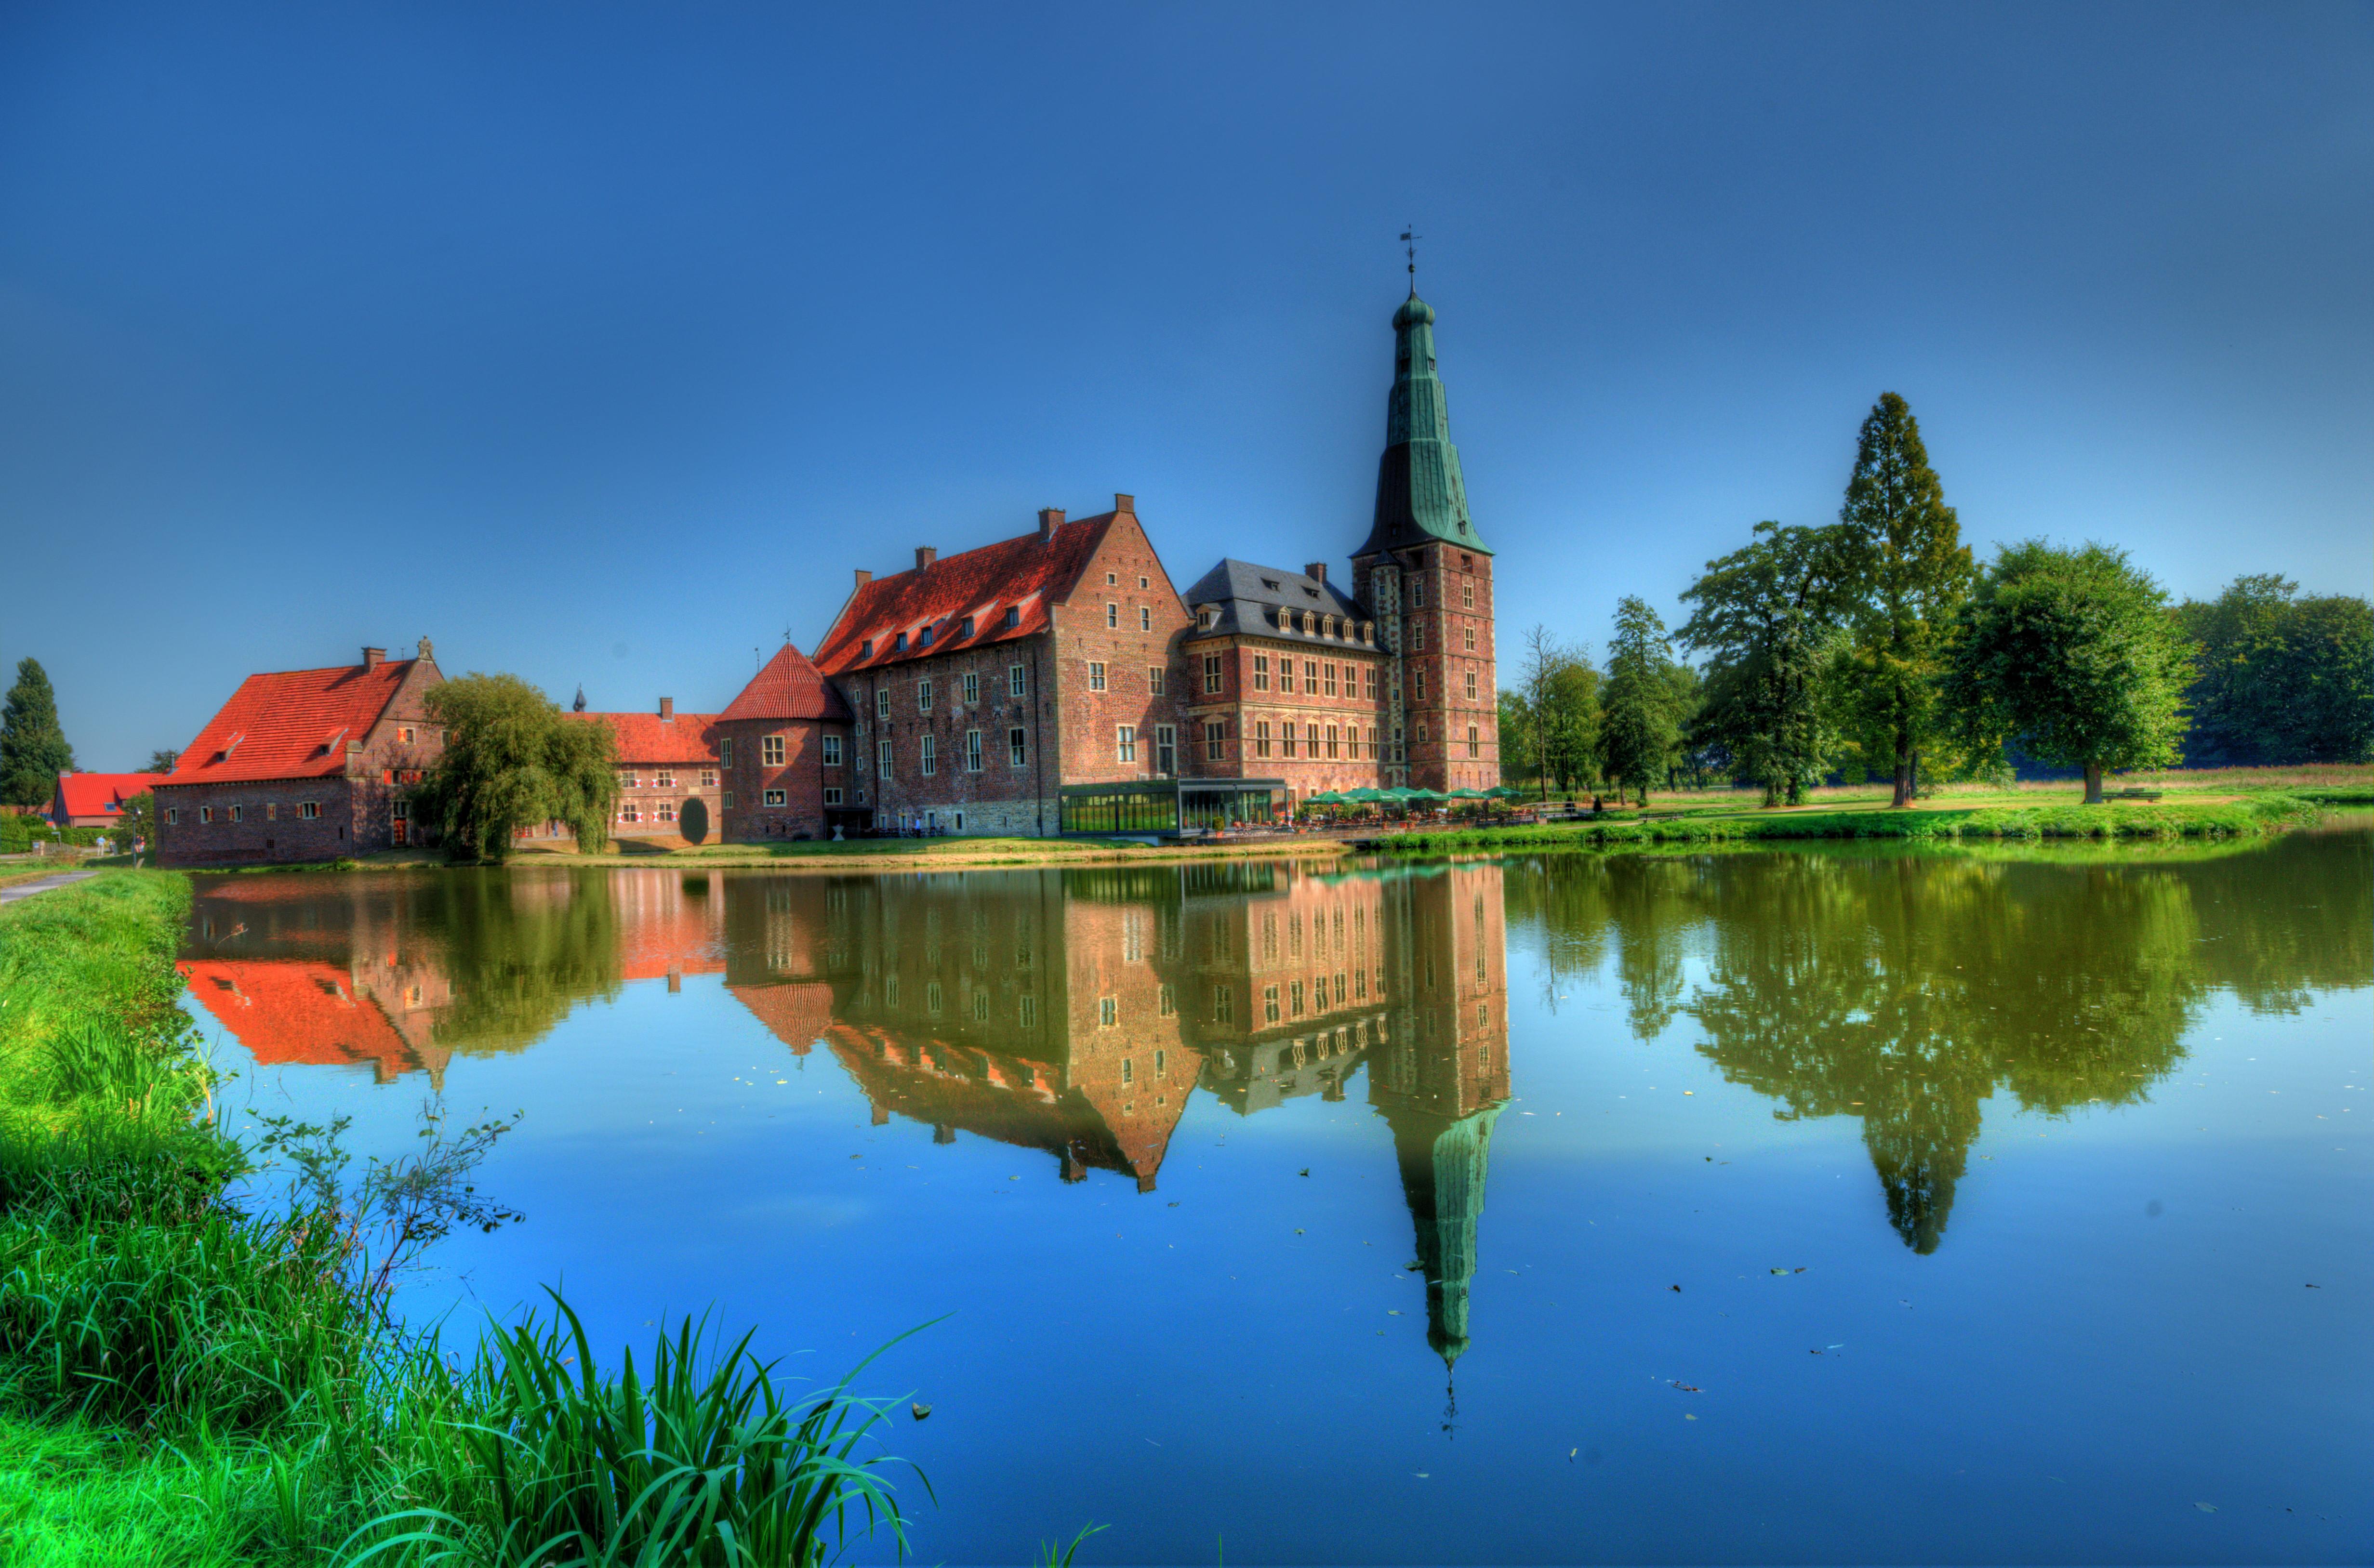 обои Замок Расфельд, Вассершлос, Германия картинки фото